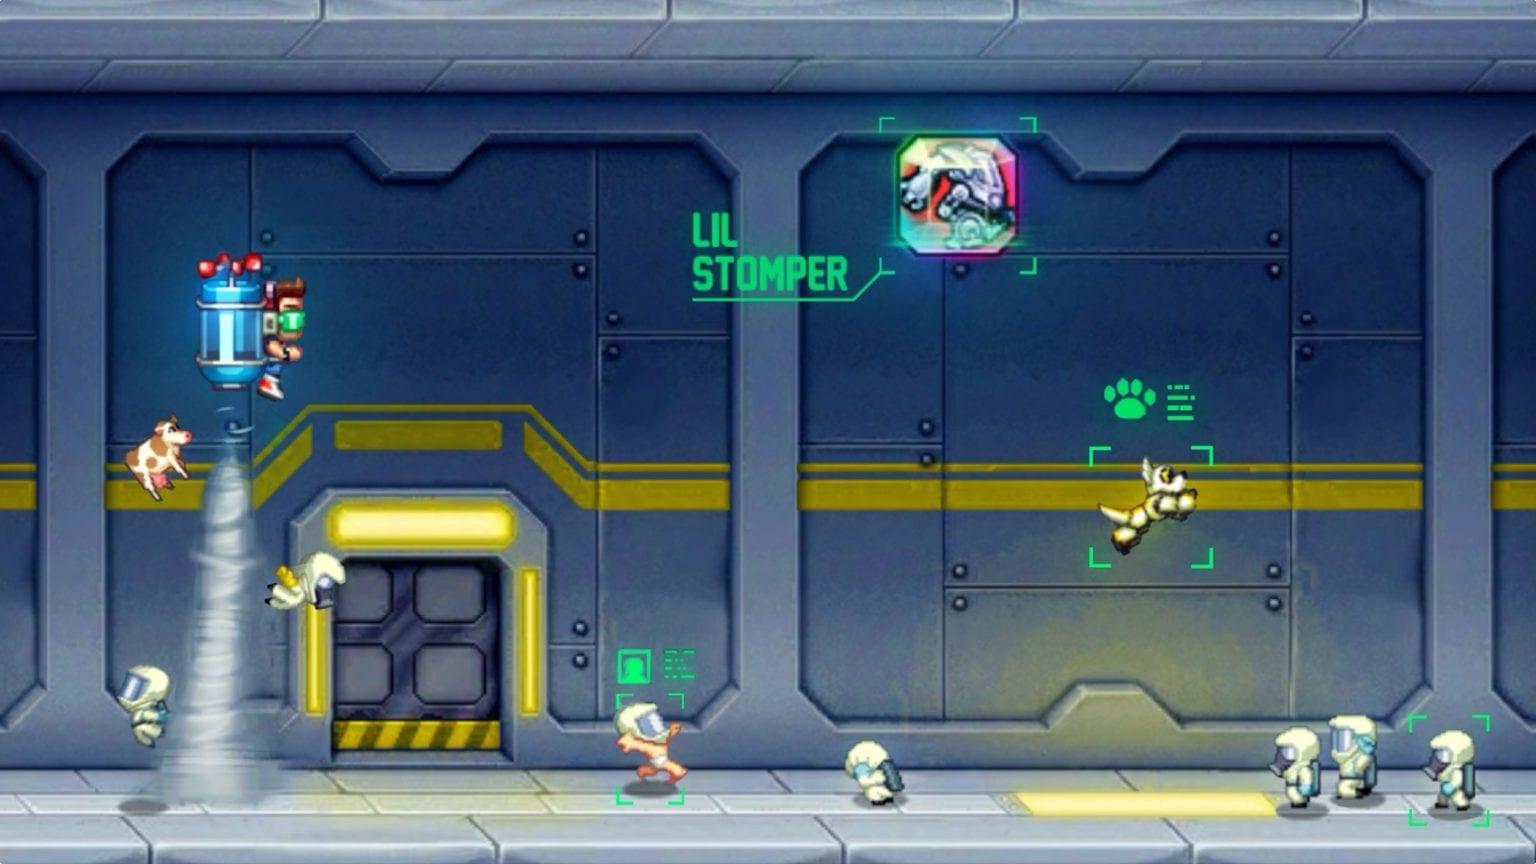 Jetpack Joyride+ debuted on Apple Arcade on Kuly 23